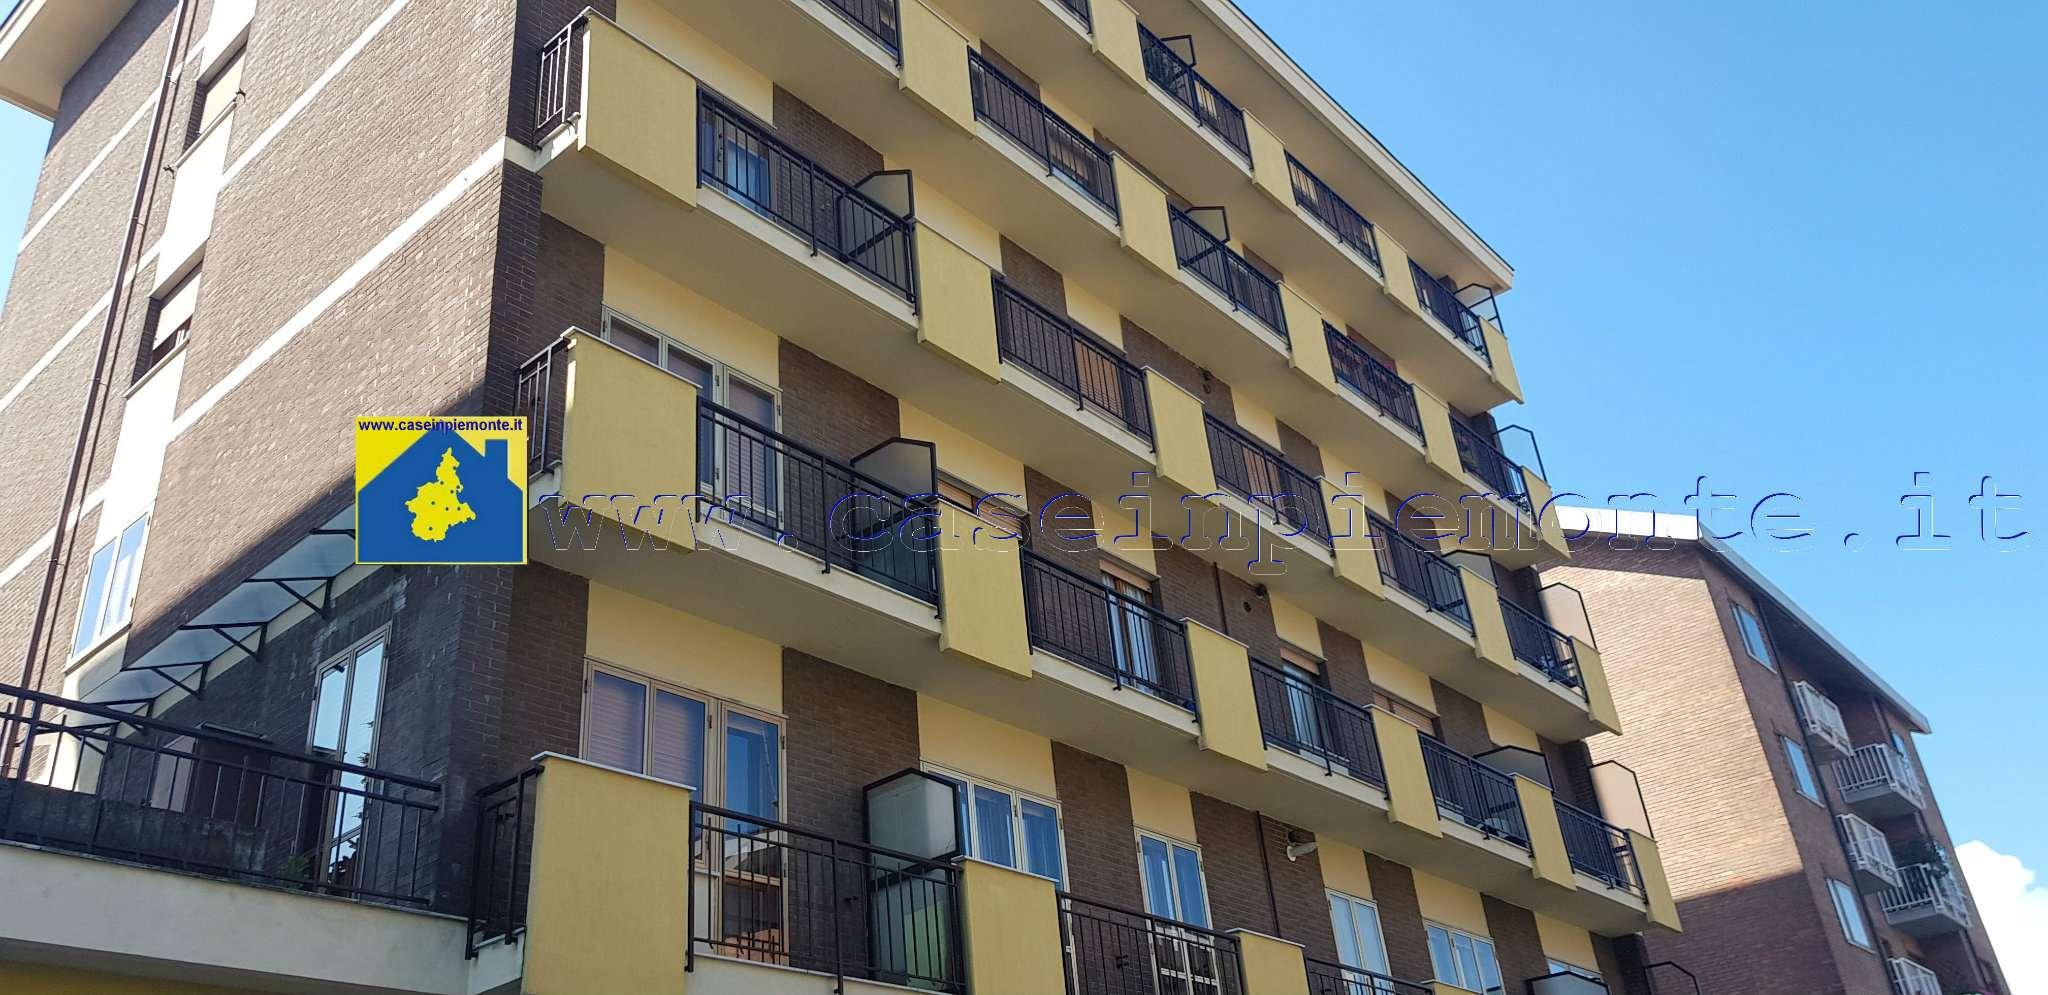 Appartamento in vendita a Rivoli, 3 locali, prezzo € 125.000 | PortaleAgenzieImmobiliari.it